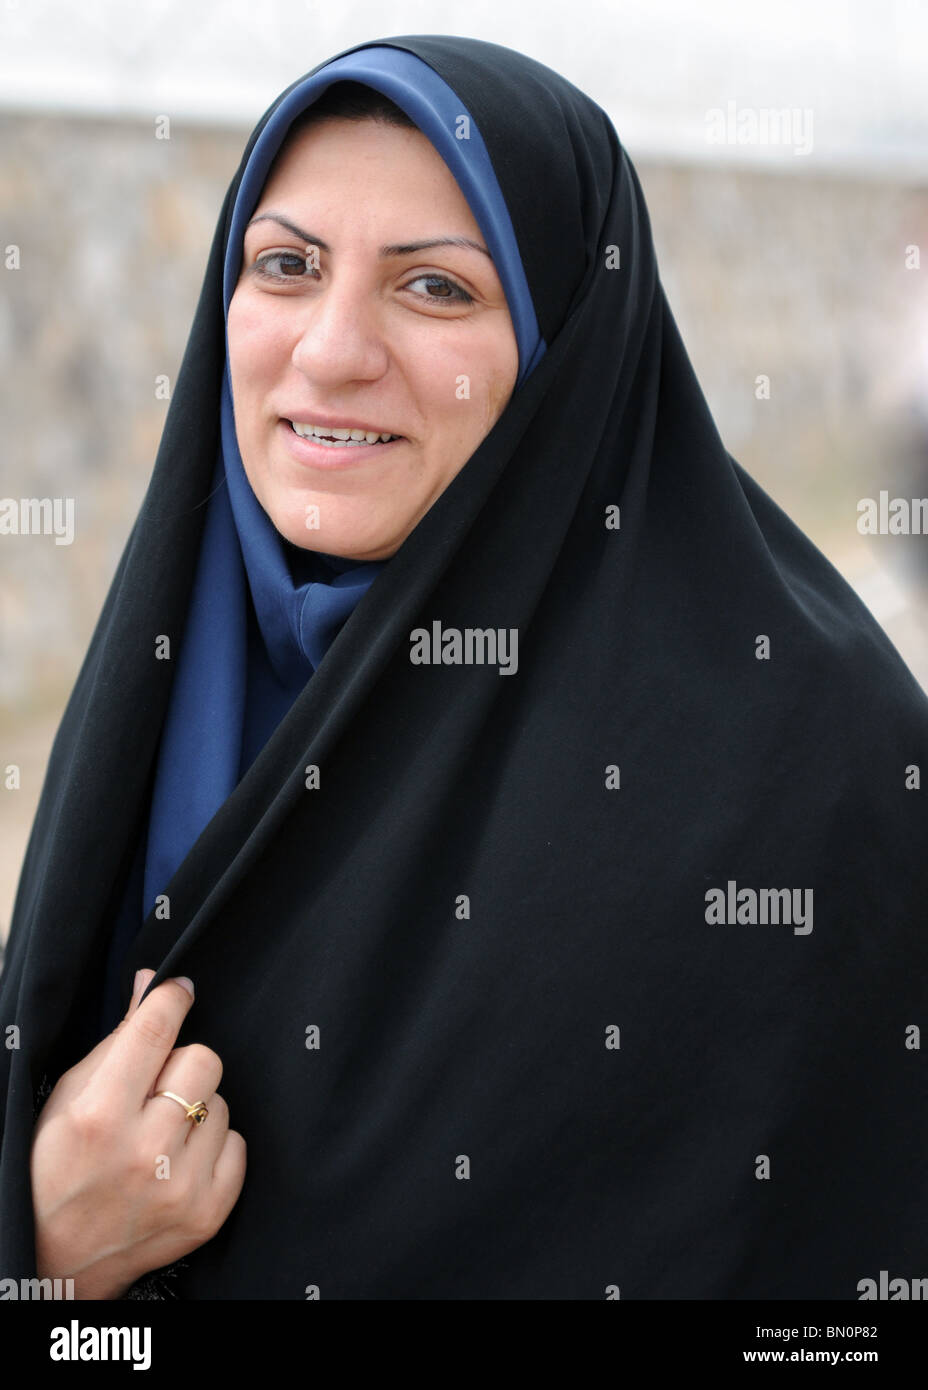 afghan woman - Stock Image